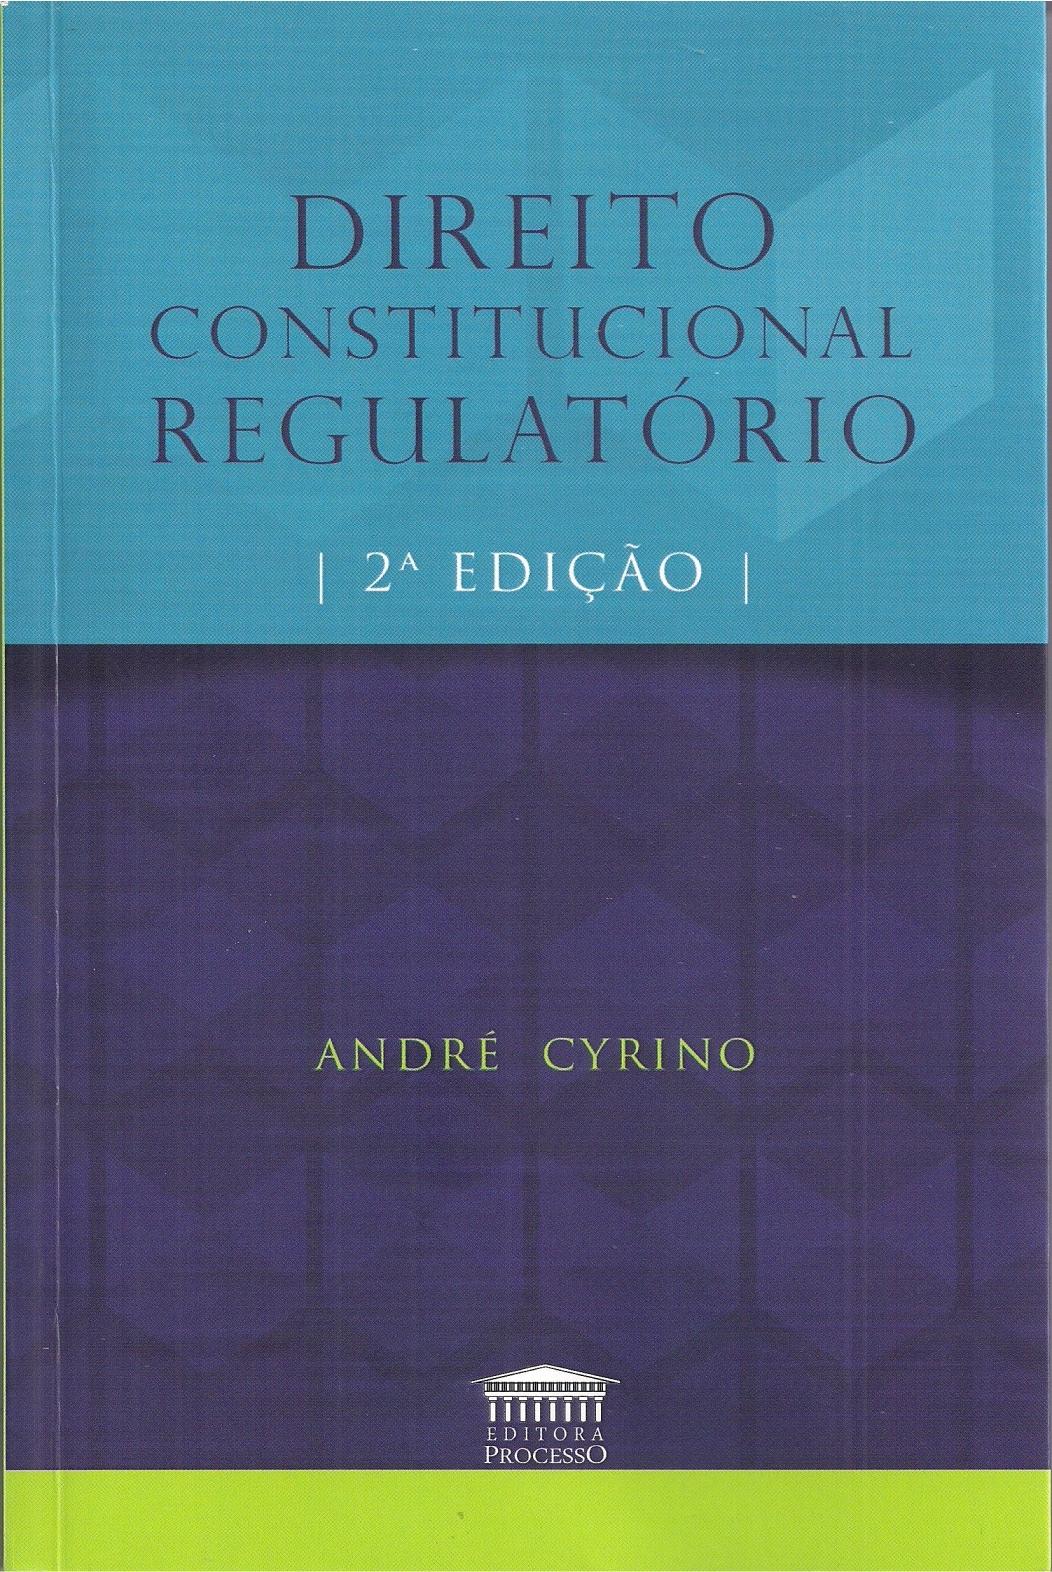 DIREITO CONSTITUCIONAL REGULATÓRIO